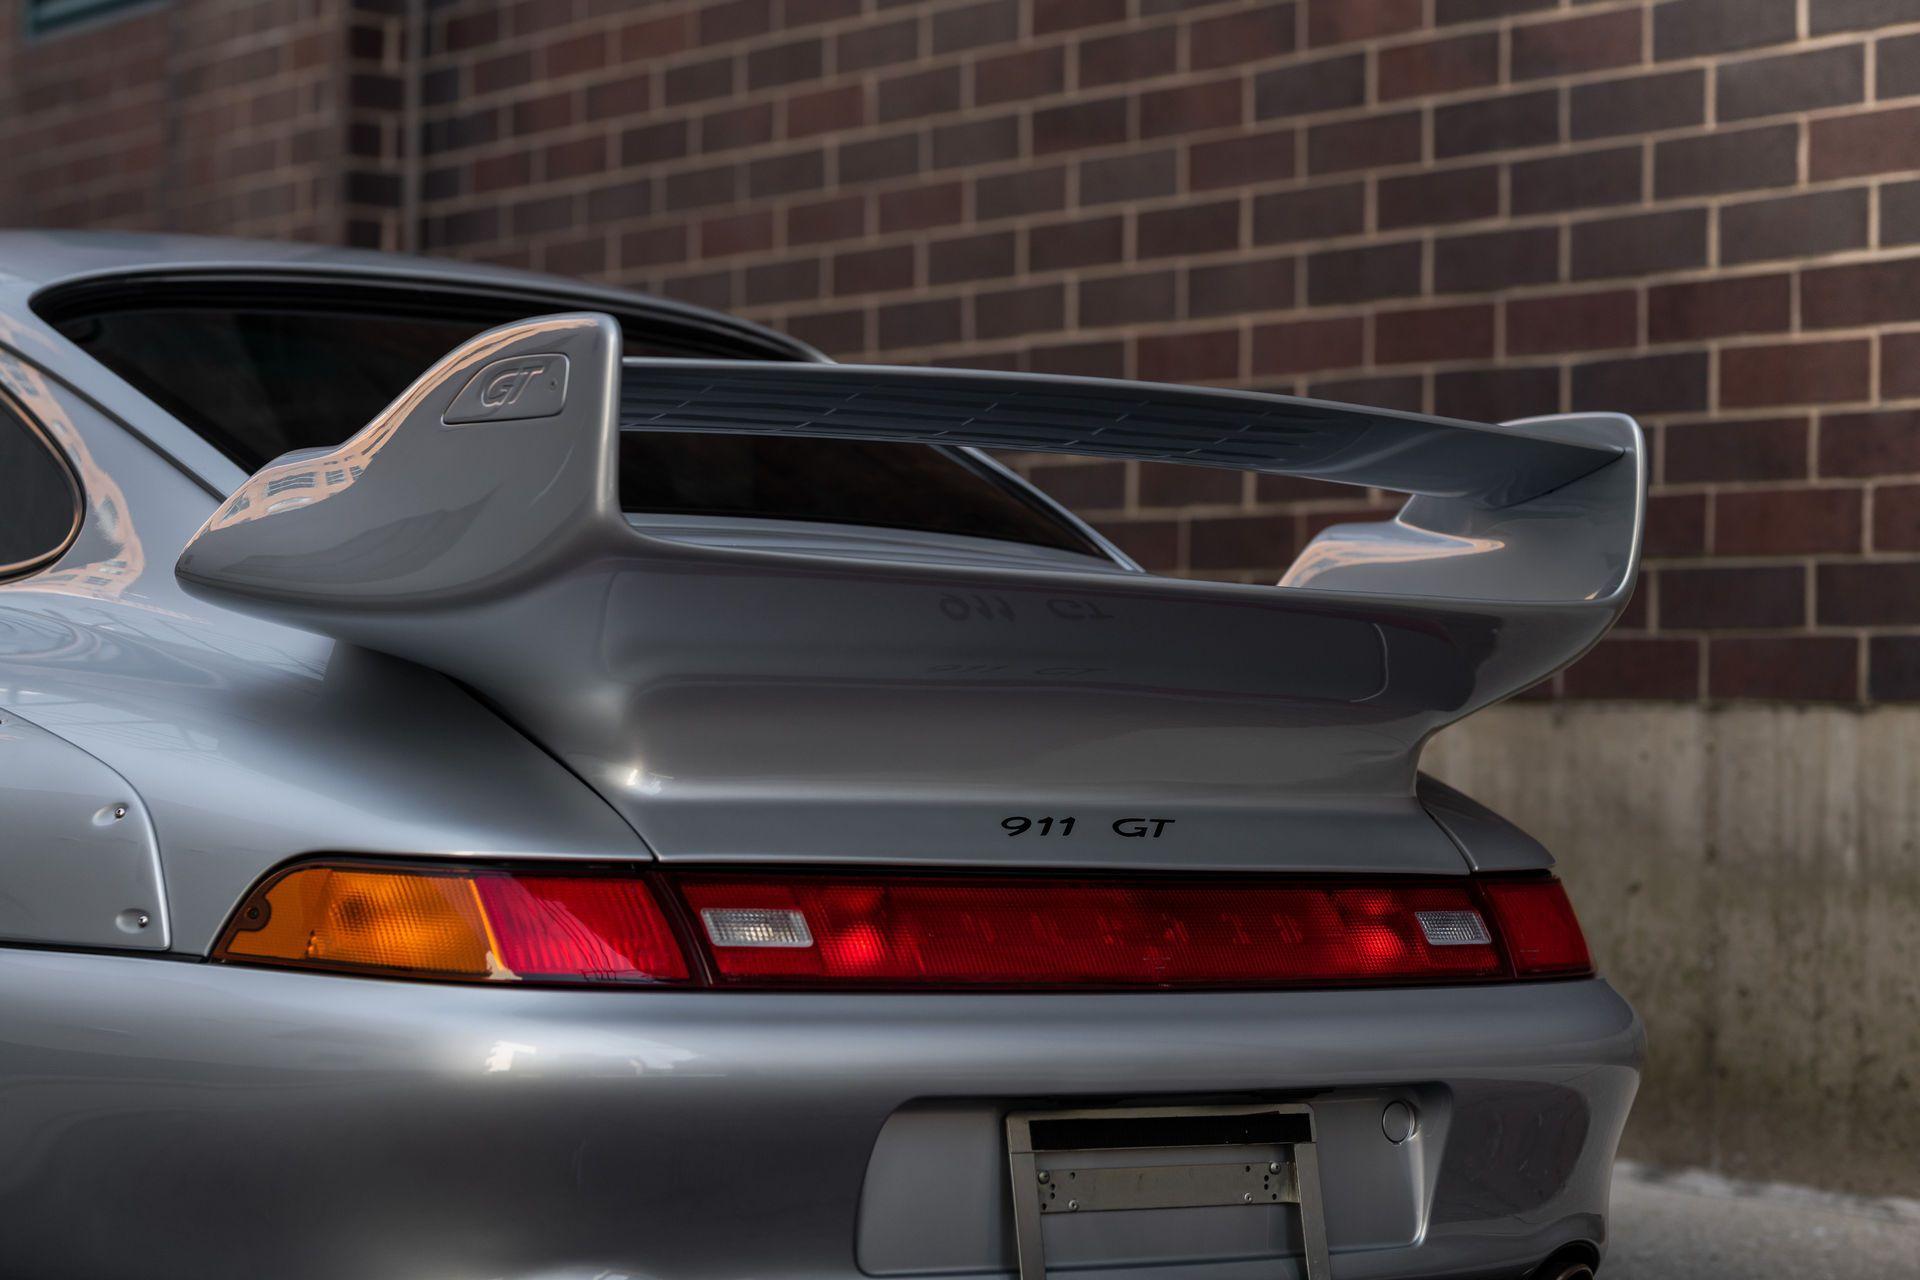 Porsche-911-GT2-26